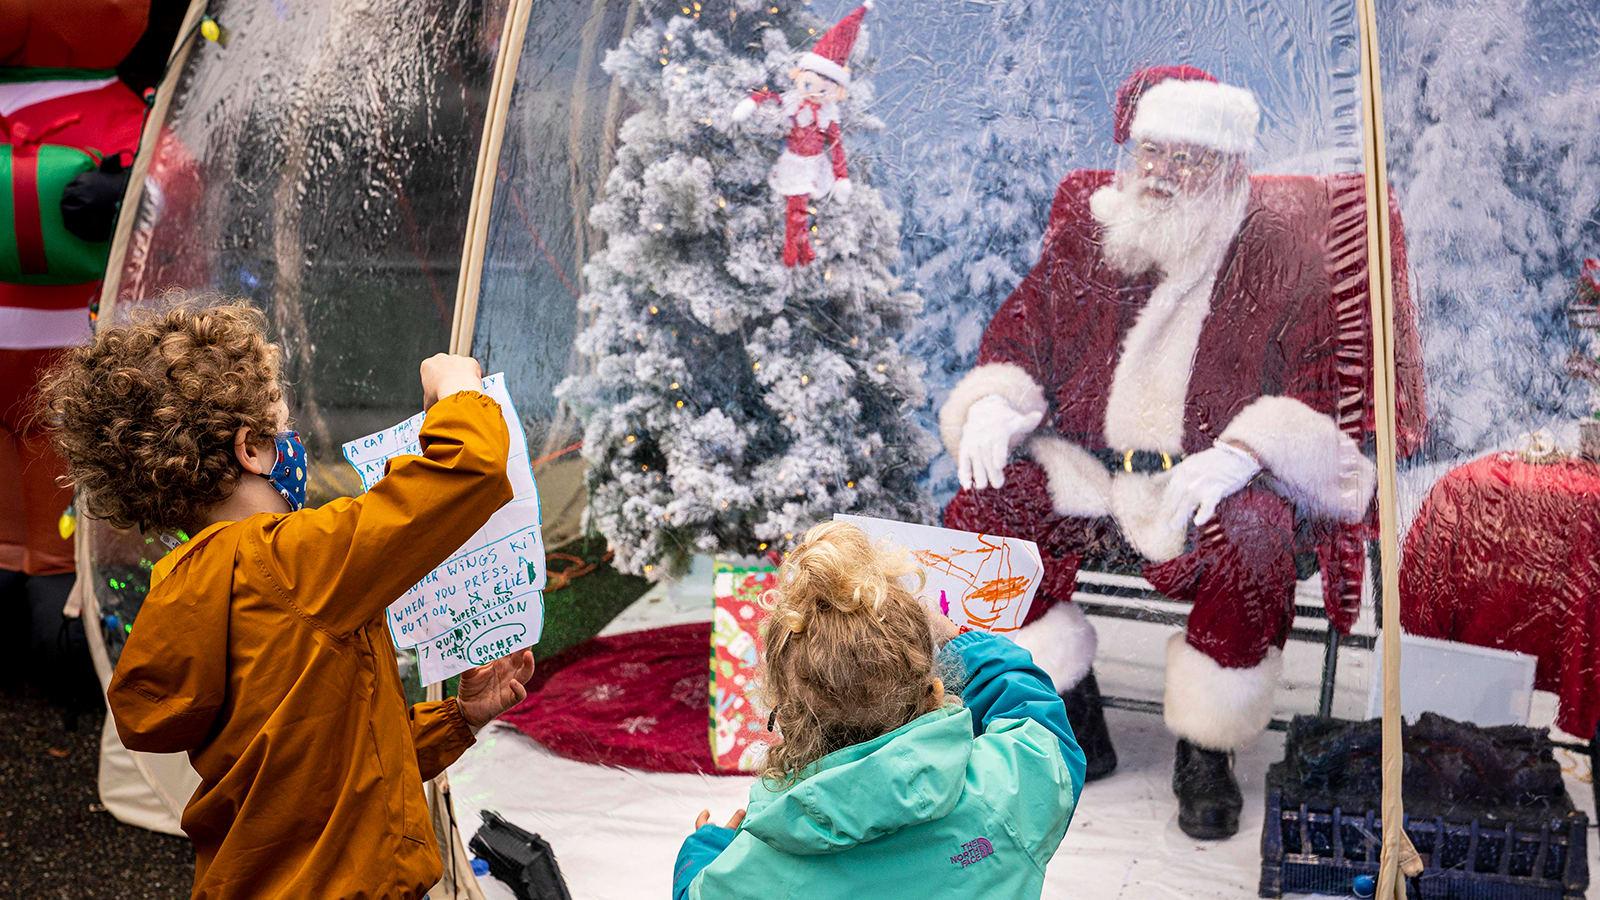 أطفال يسألون الدكتور فاوتشي عن تطعيم بابا نويل بلقاح كورونا.. شاهد كيف رد